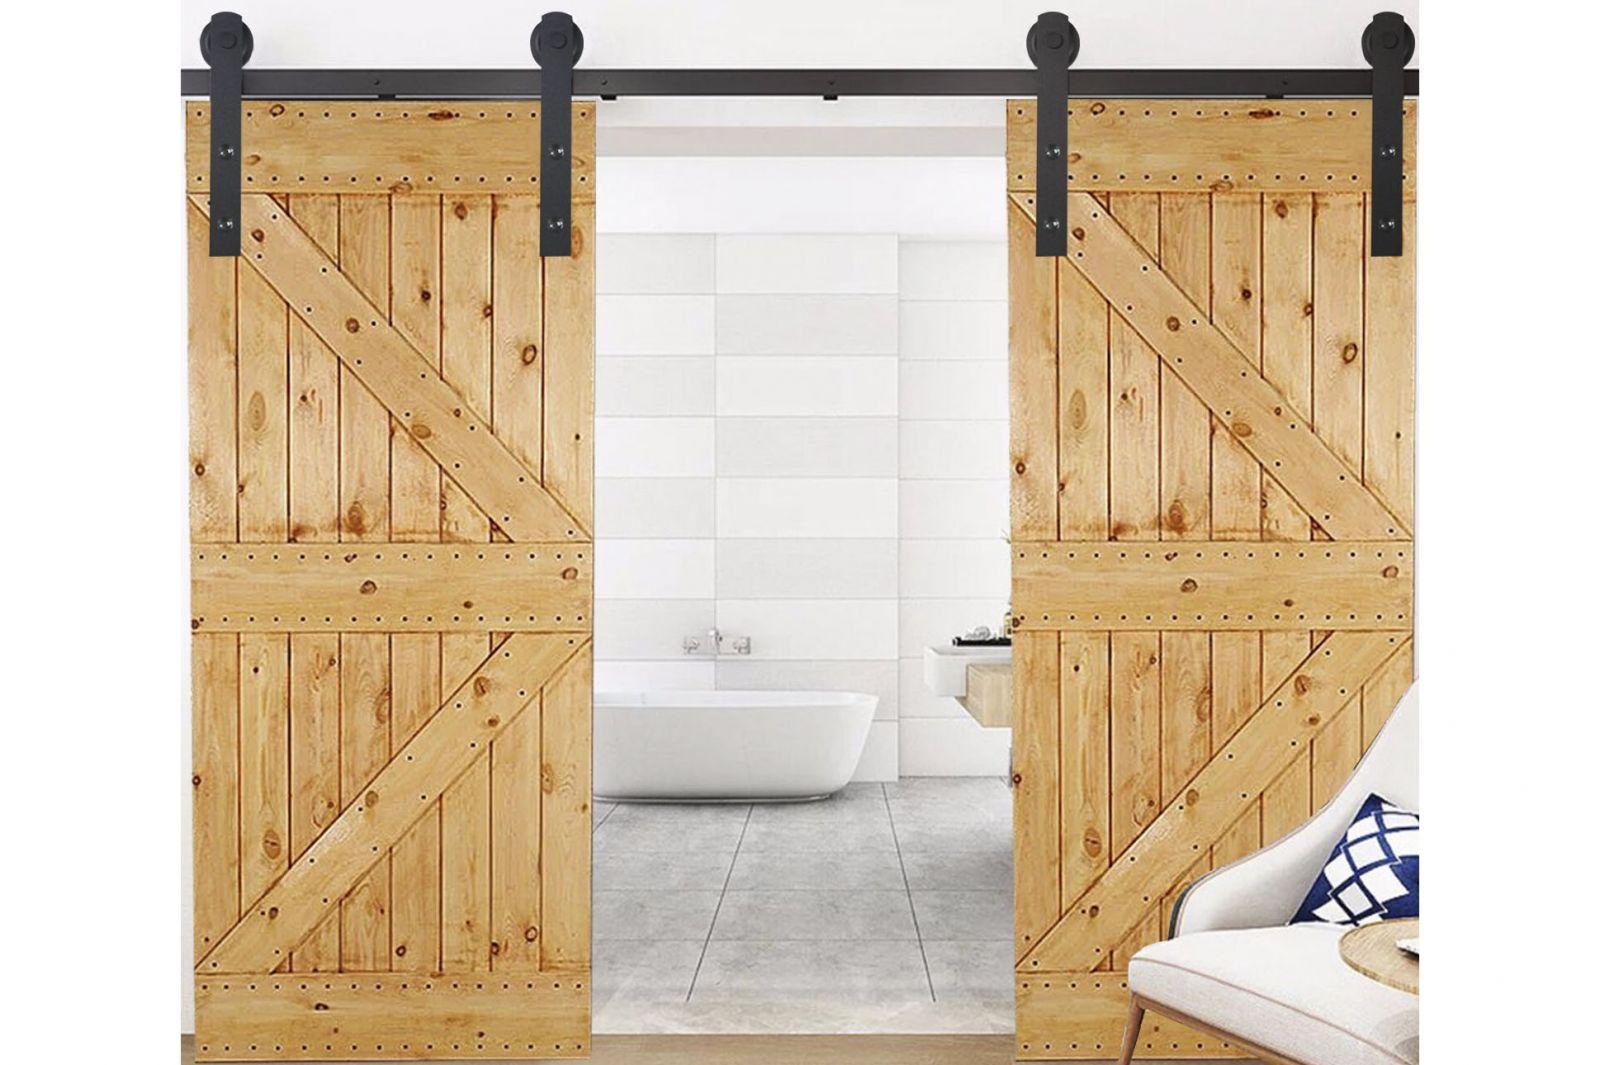 Thiết kế mẫu cửa lùa bằng gỗ cho phòng tắm hiện đại